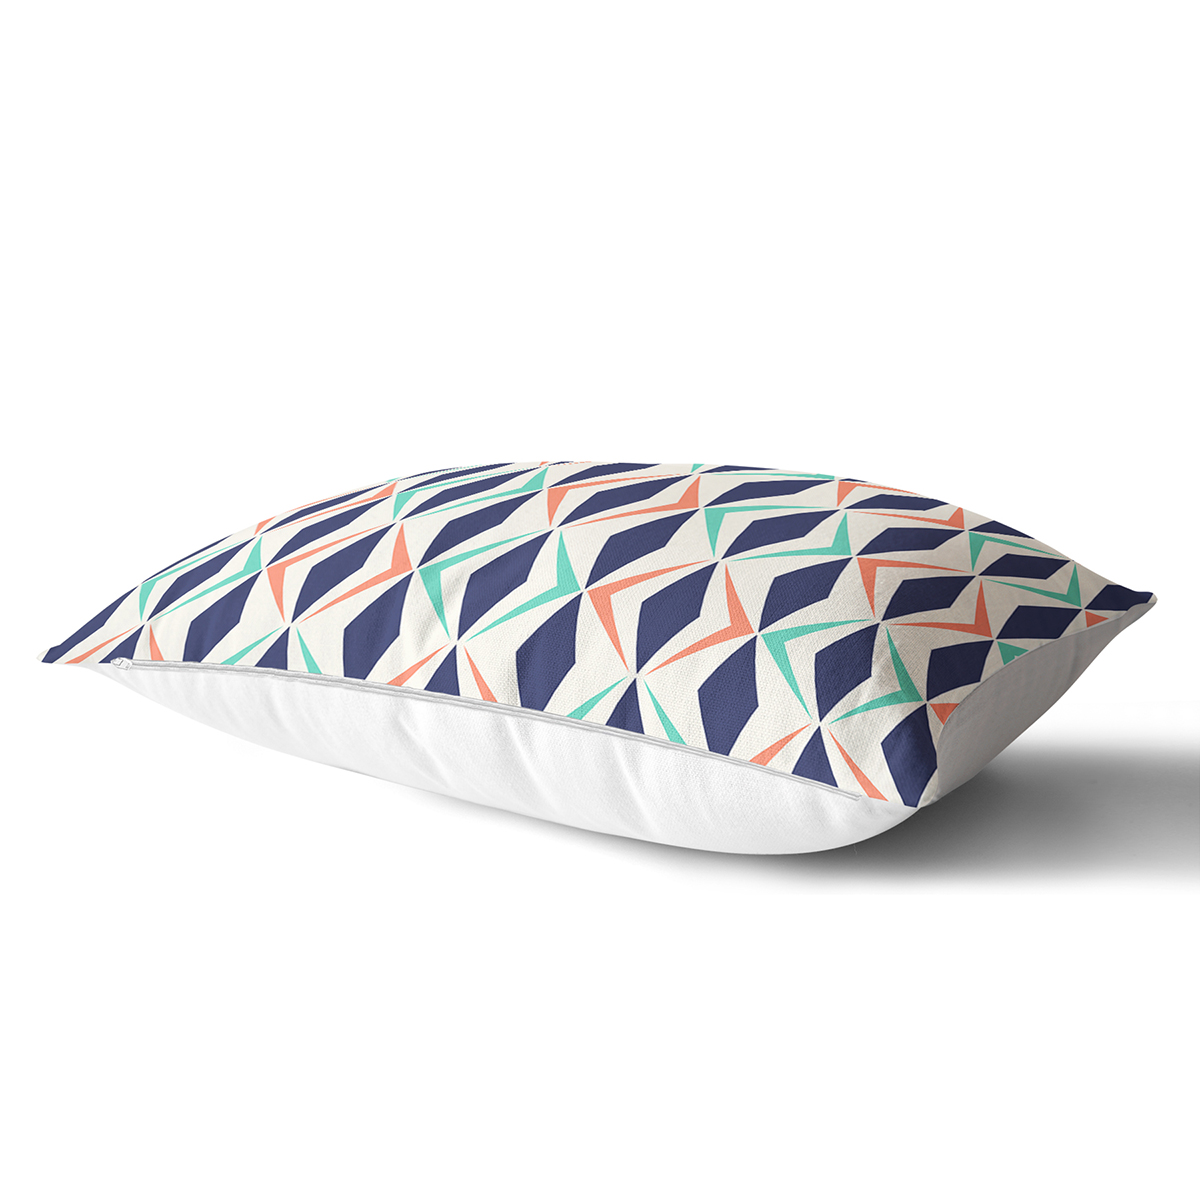 Renkli Geometrik Desenli Dijital Baskılı Modern Dikdörtgen Yastık Kılıfı Realhomes